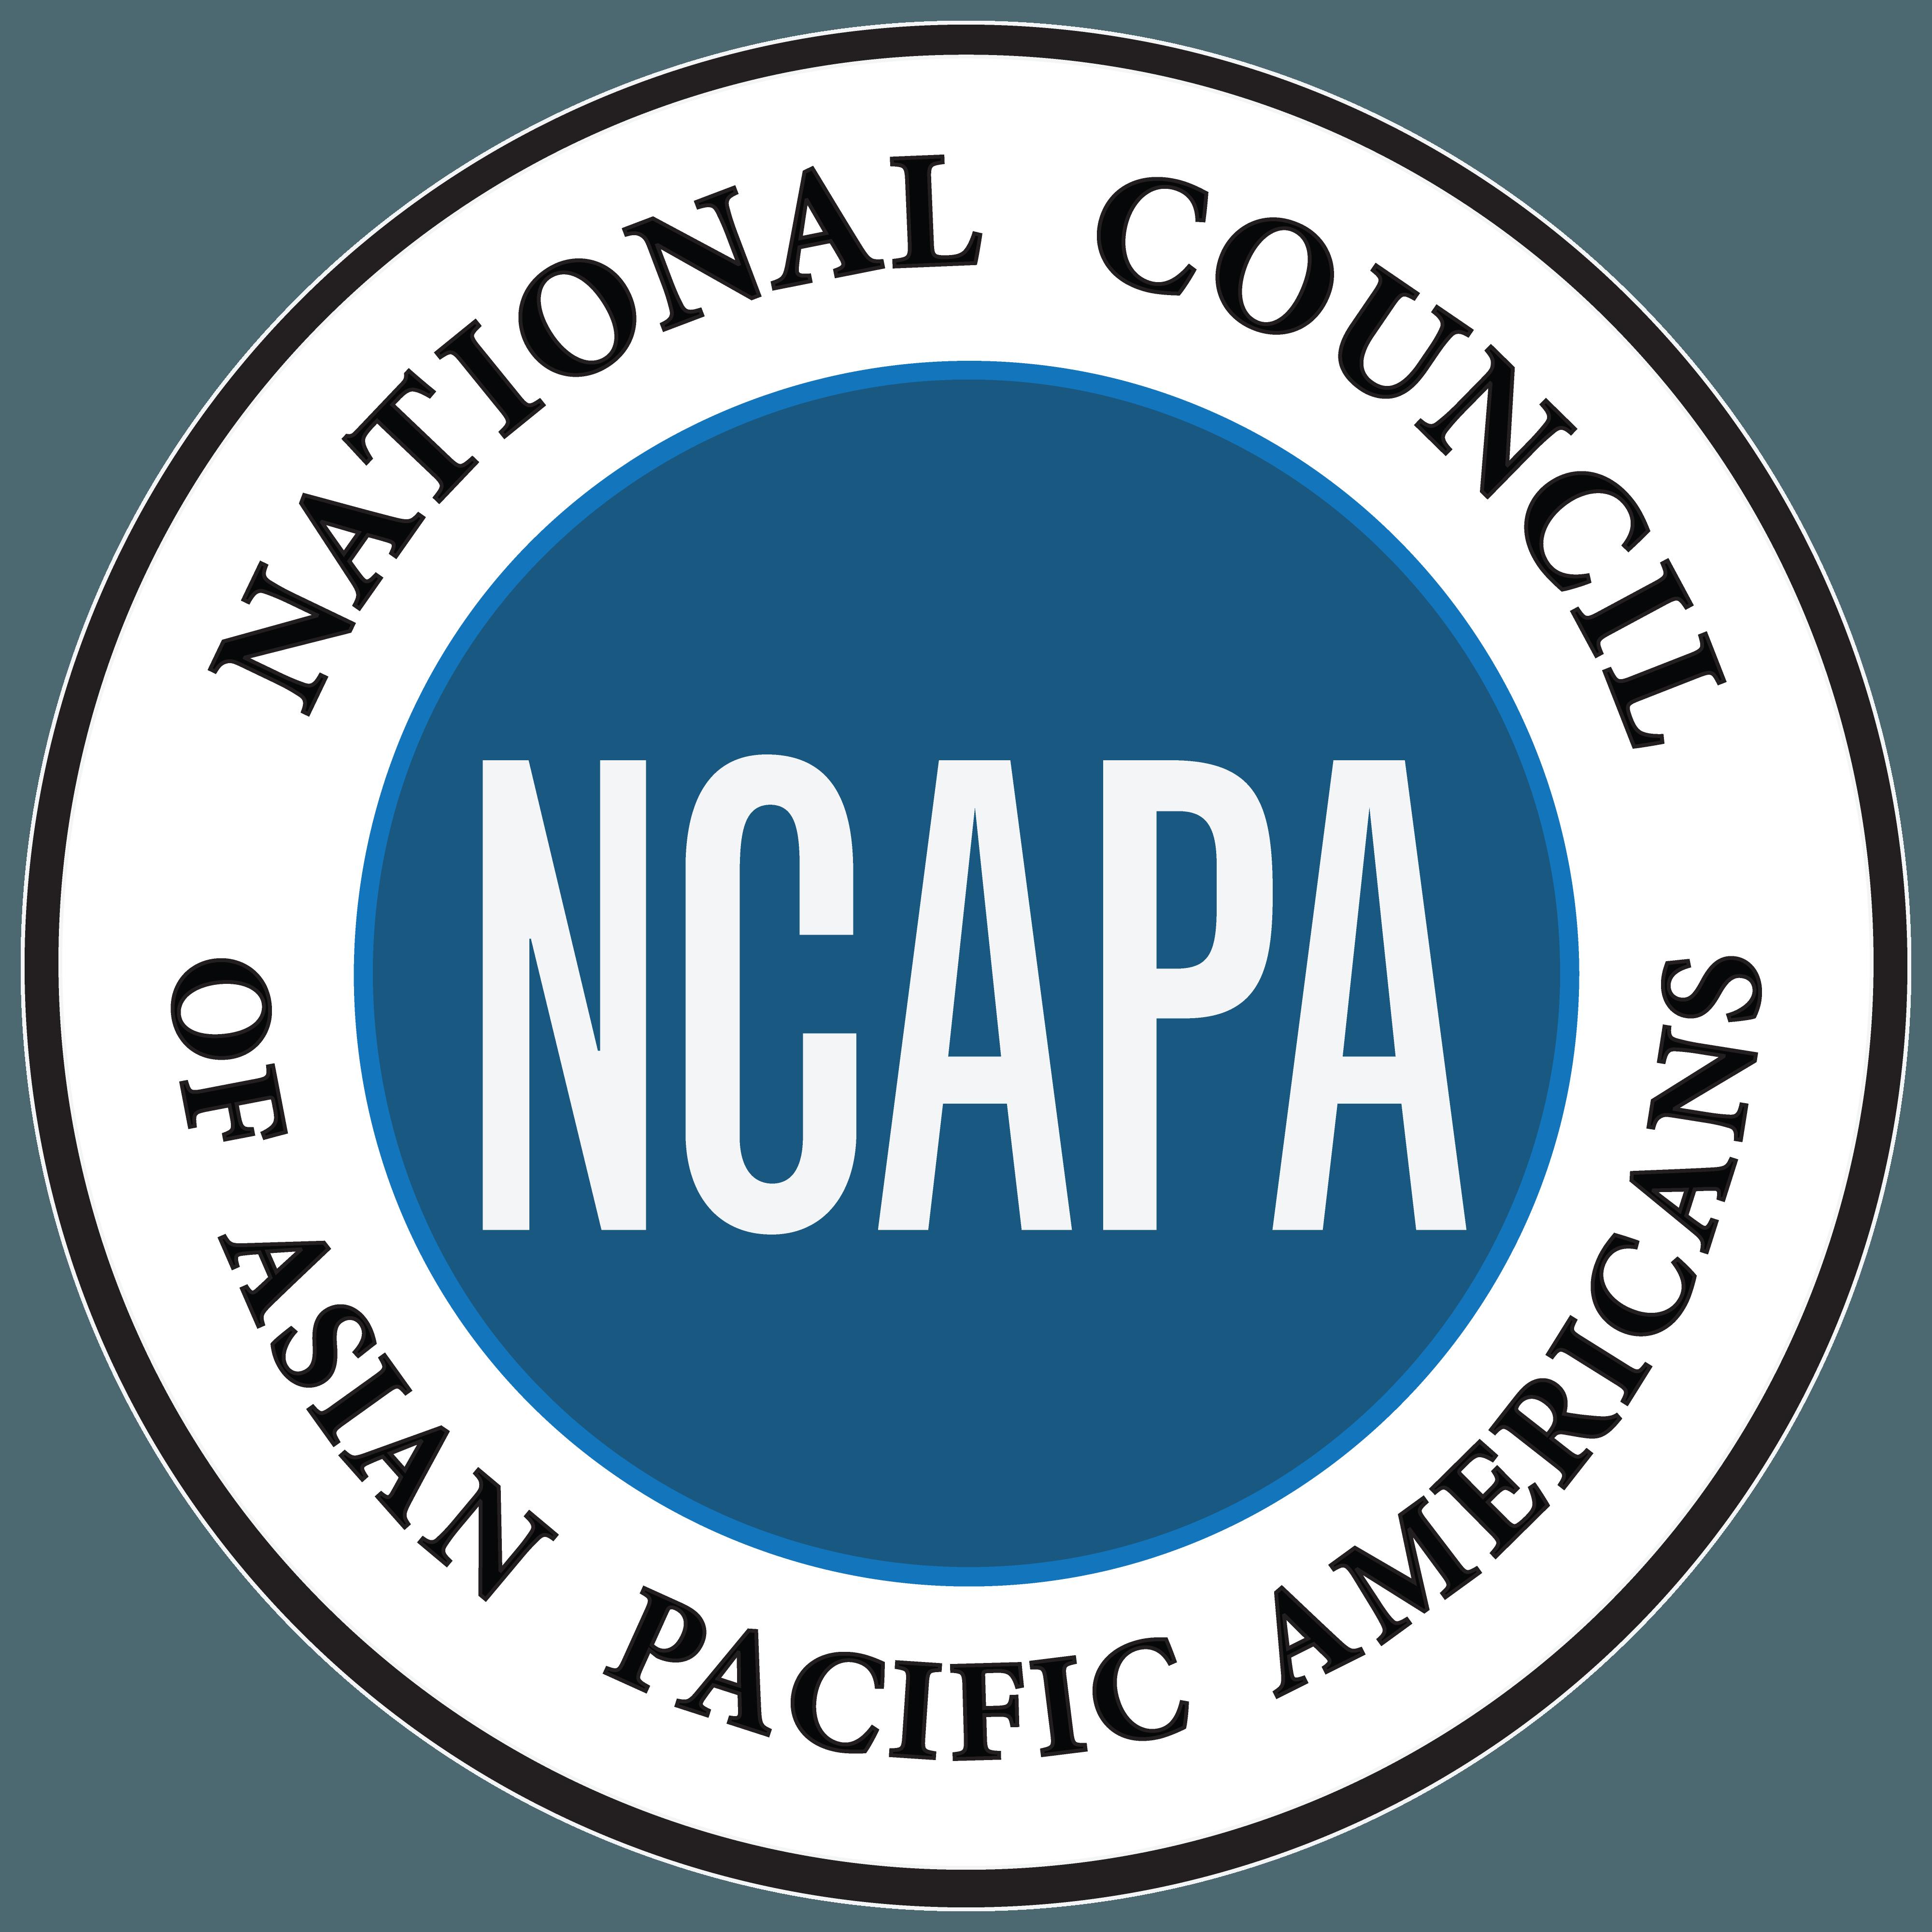 NCAPA logo